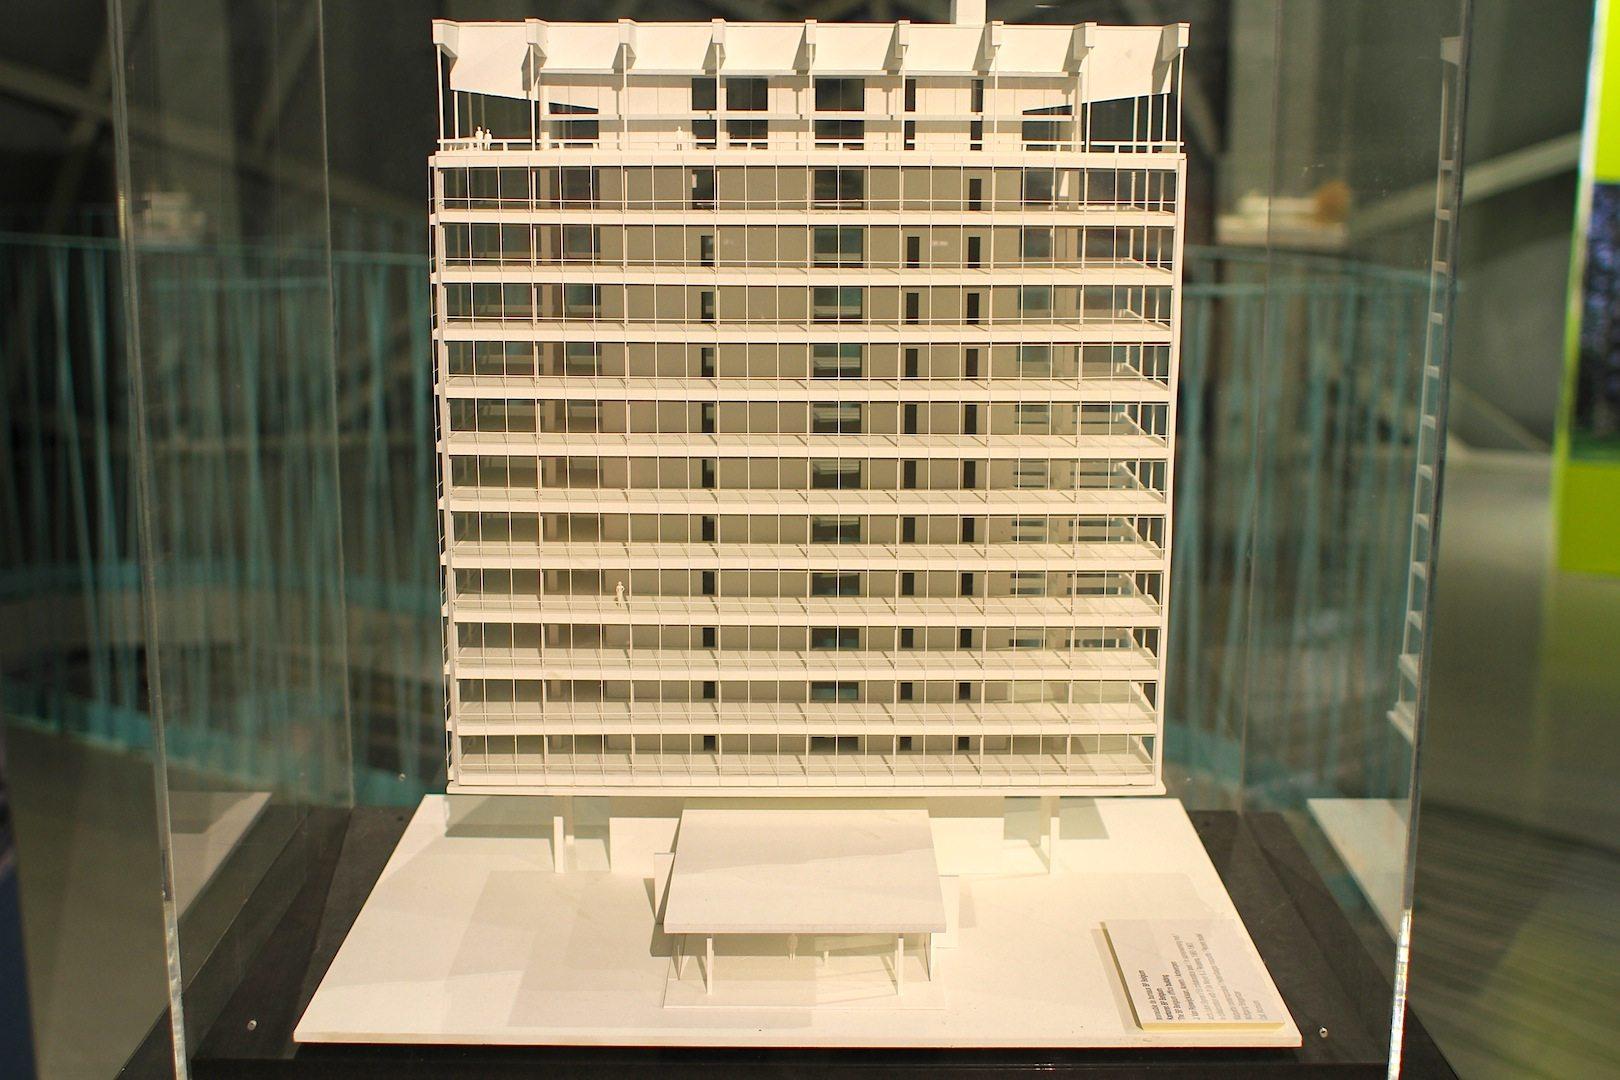 Modernika. So lautet die temporäre Ausstellung im Atomium. Im Bild: das Modell der BP Repräsentanz in Belgien.